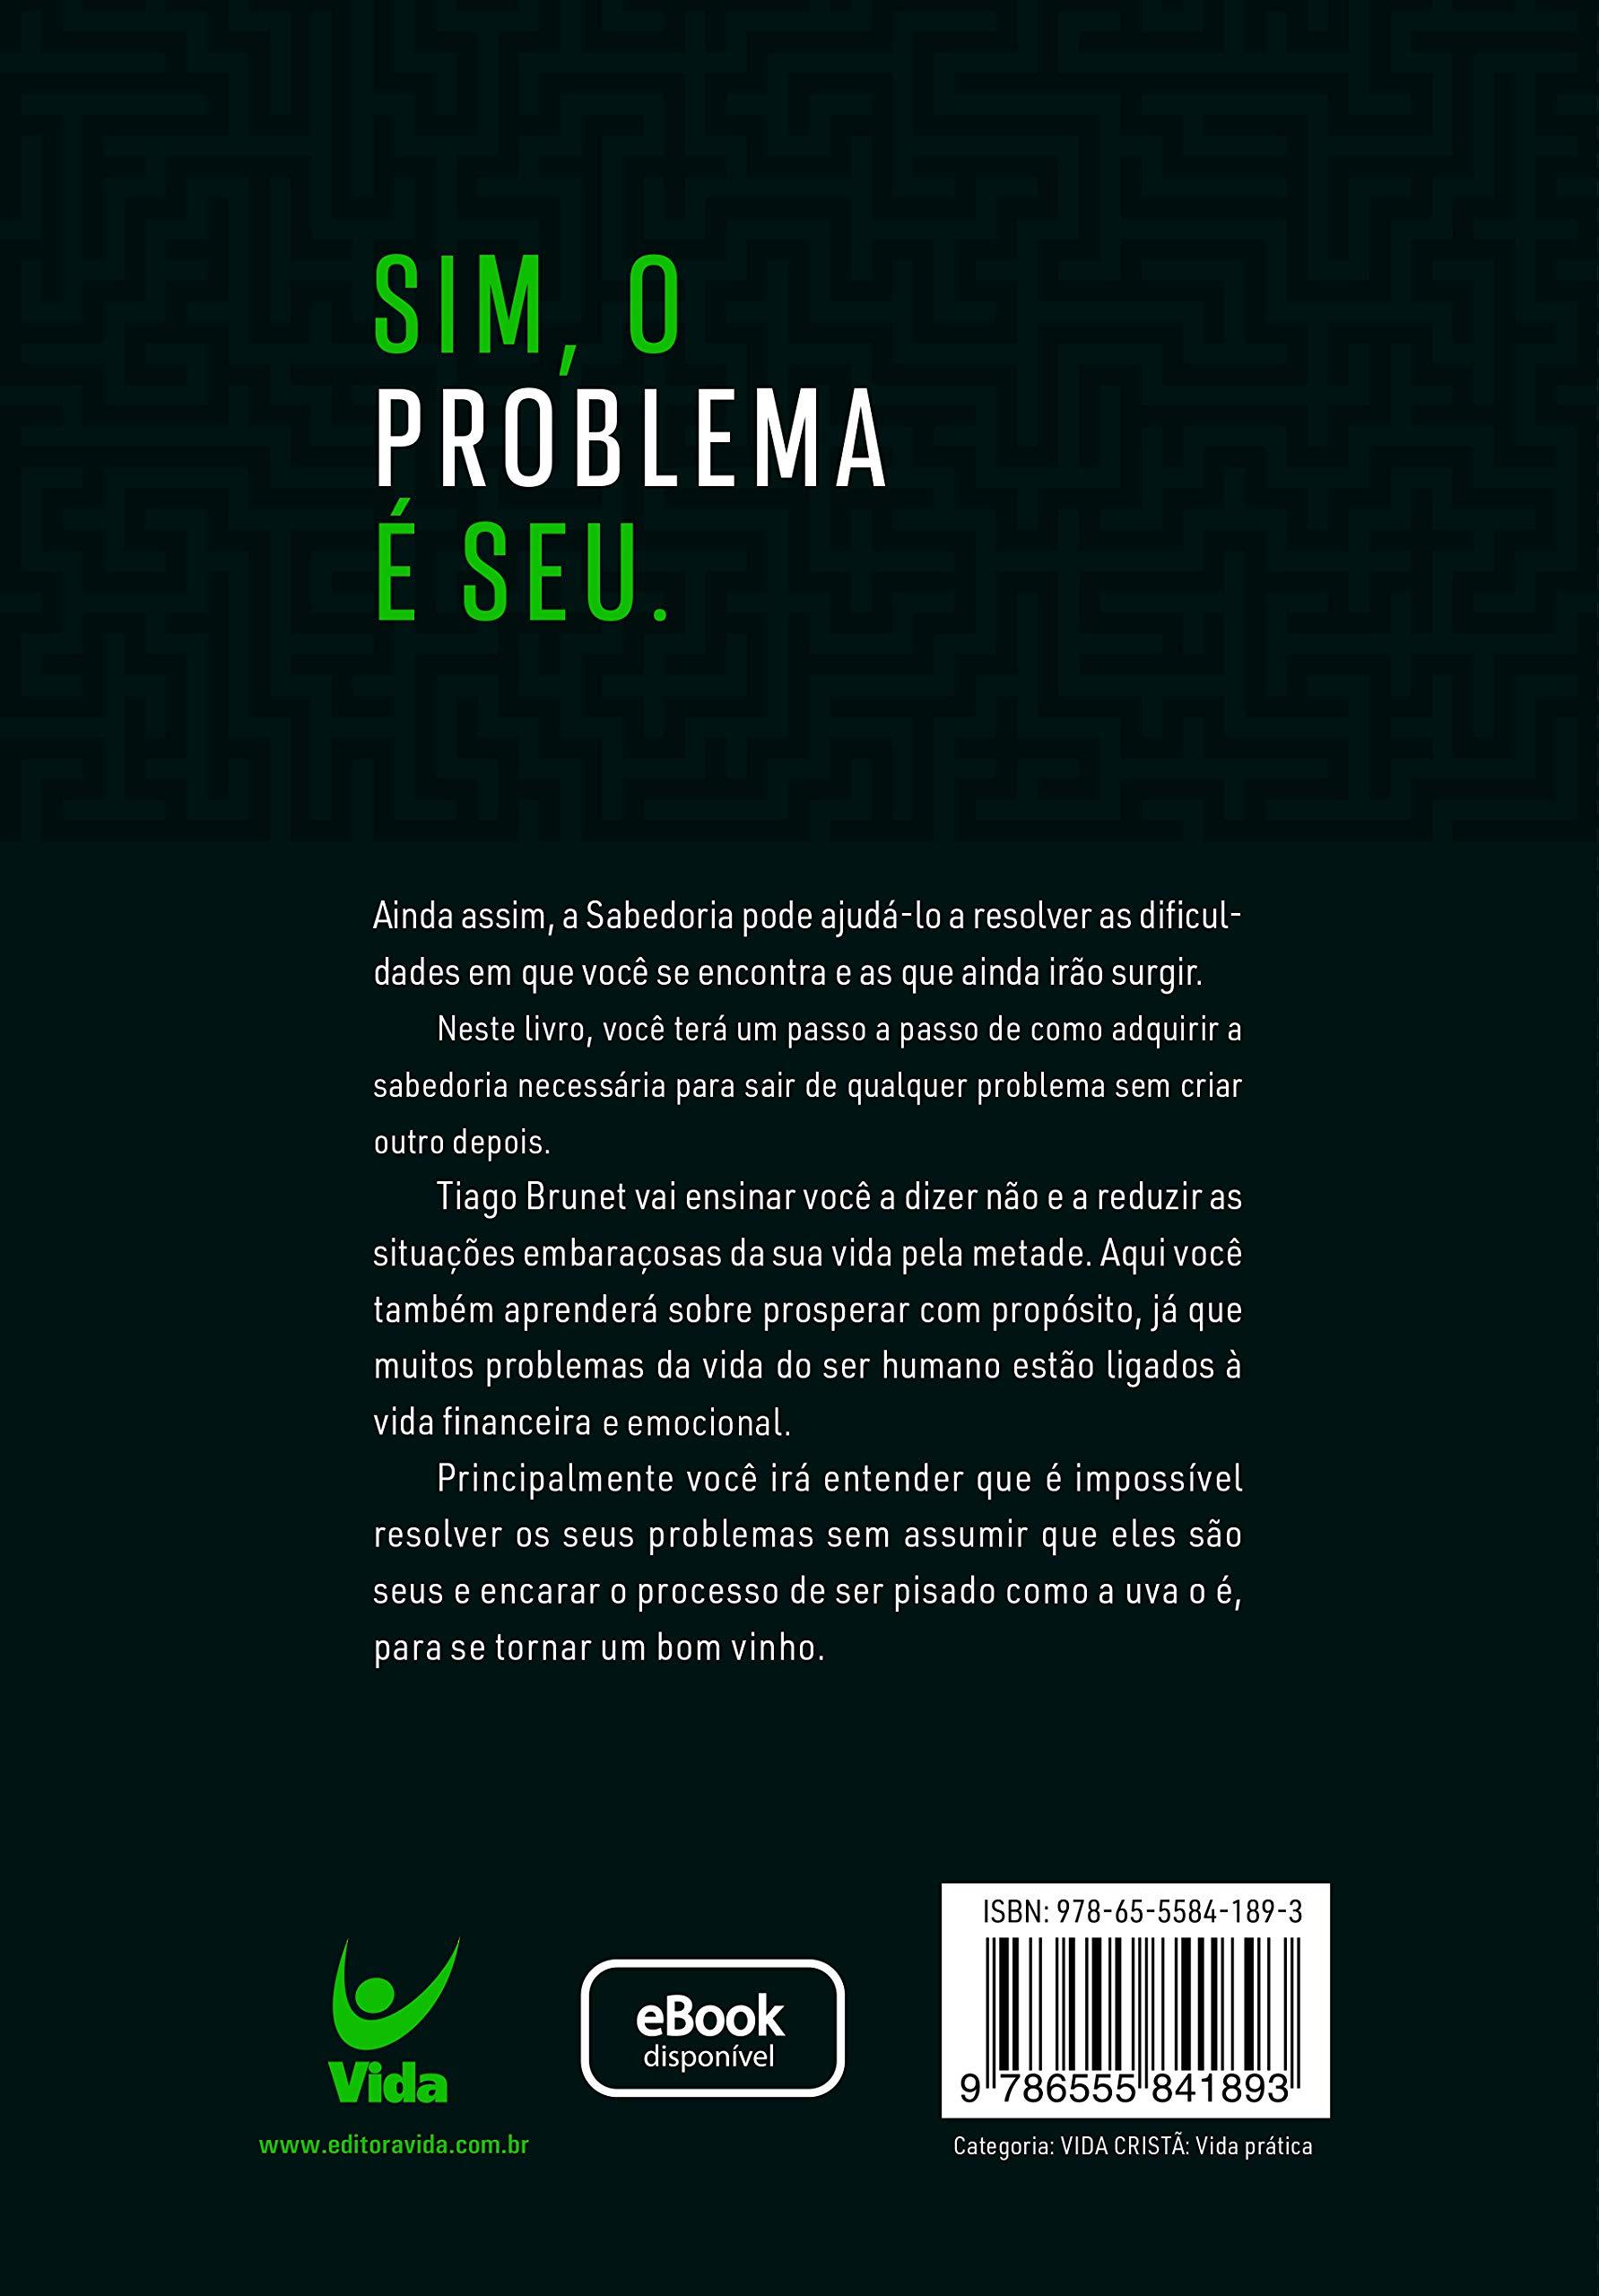 Livro 'O Problema é Seu' por Tiago Brunet